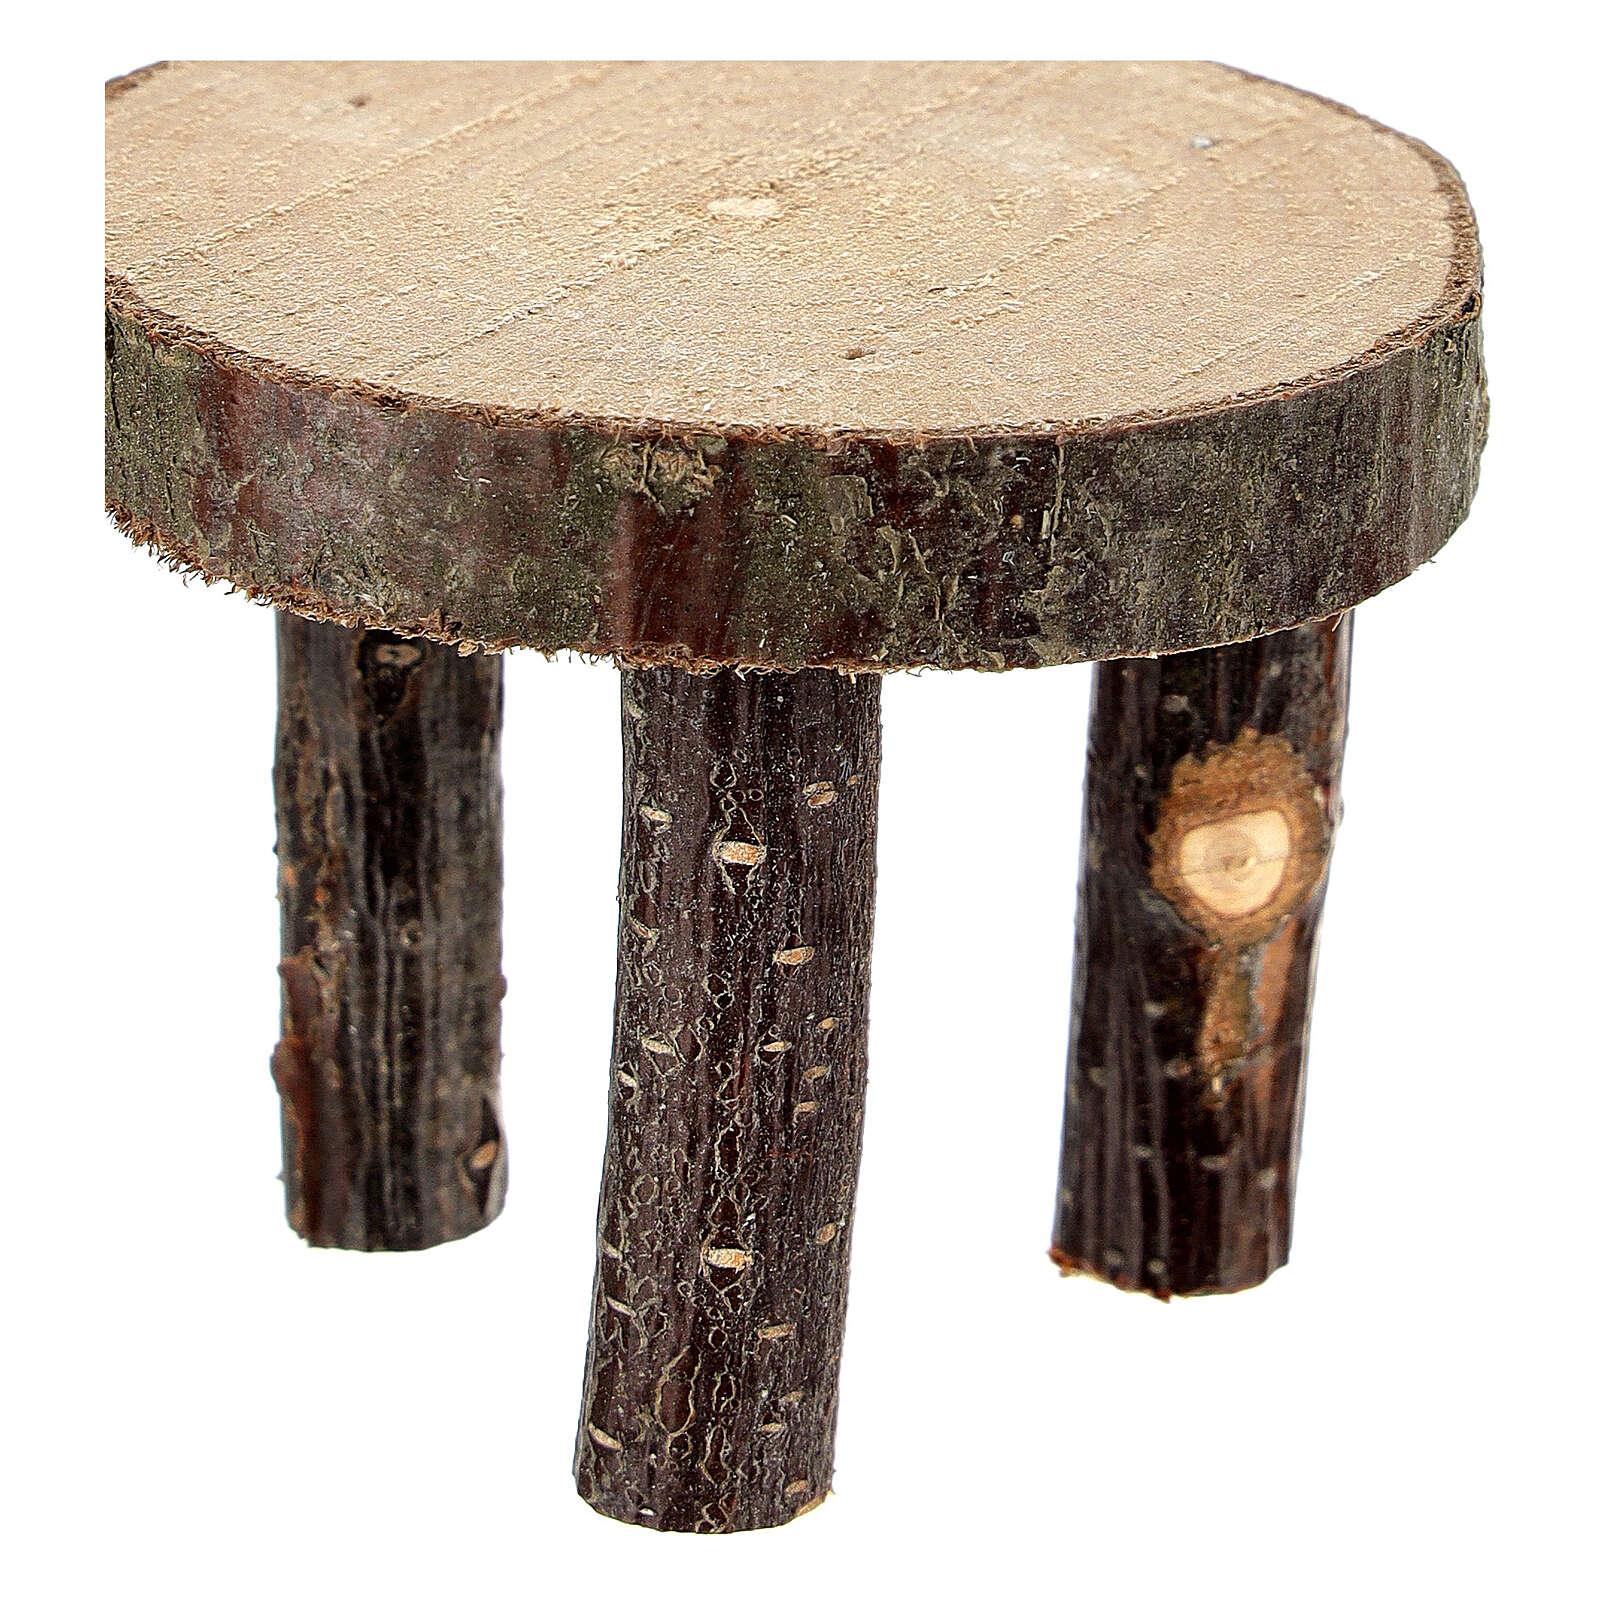 Tavolo tondo sezione tronco h 4 cm presepi 10 cm 4